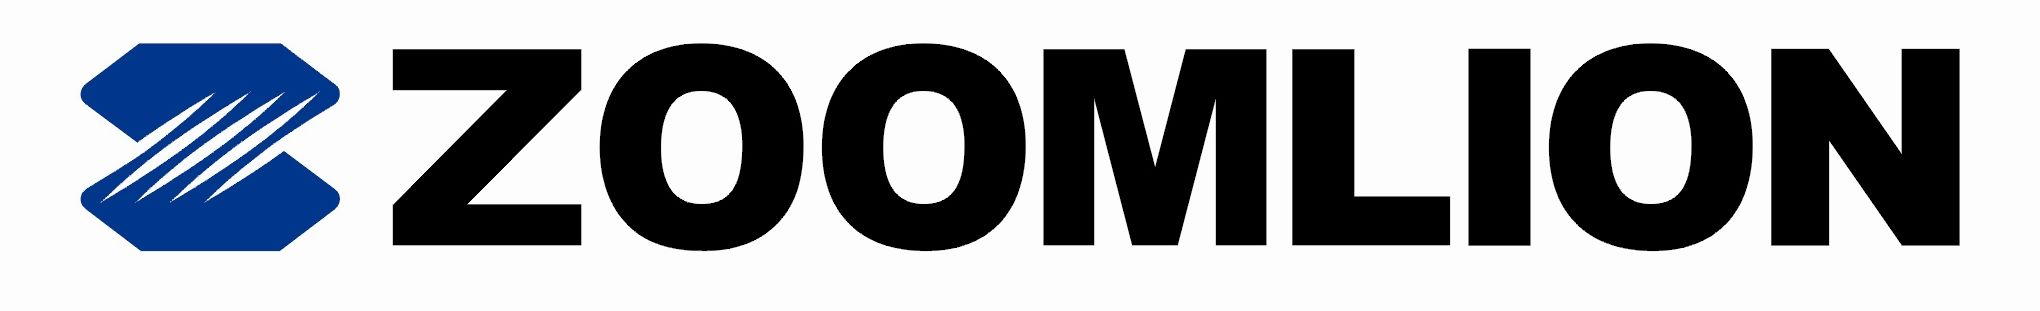 Zoomlion